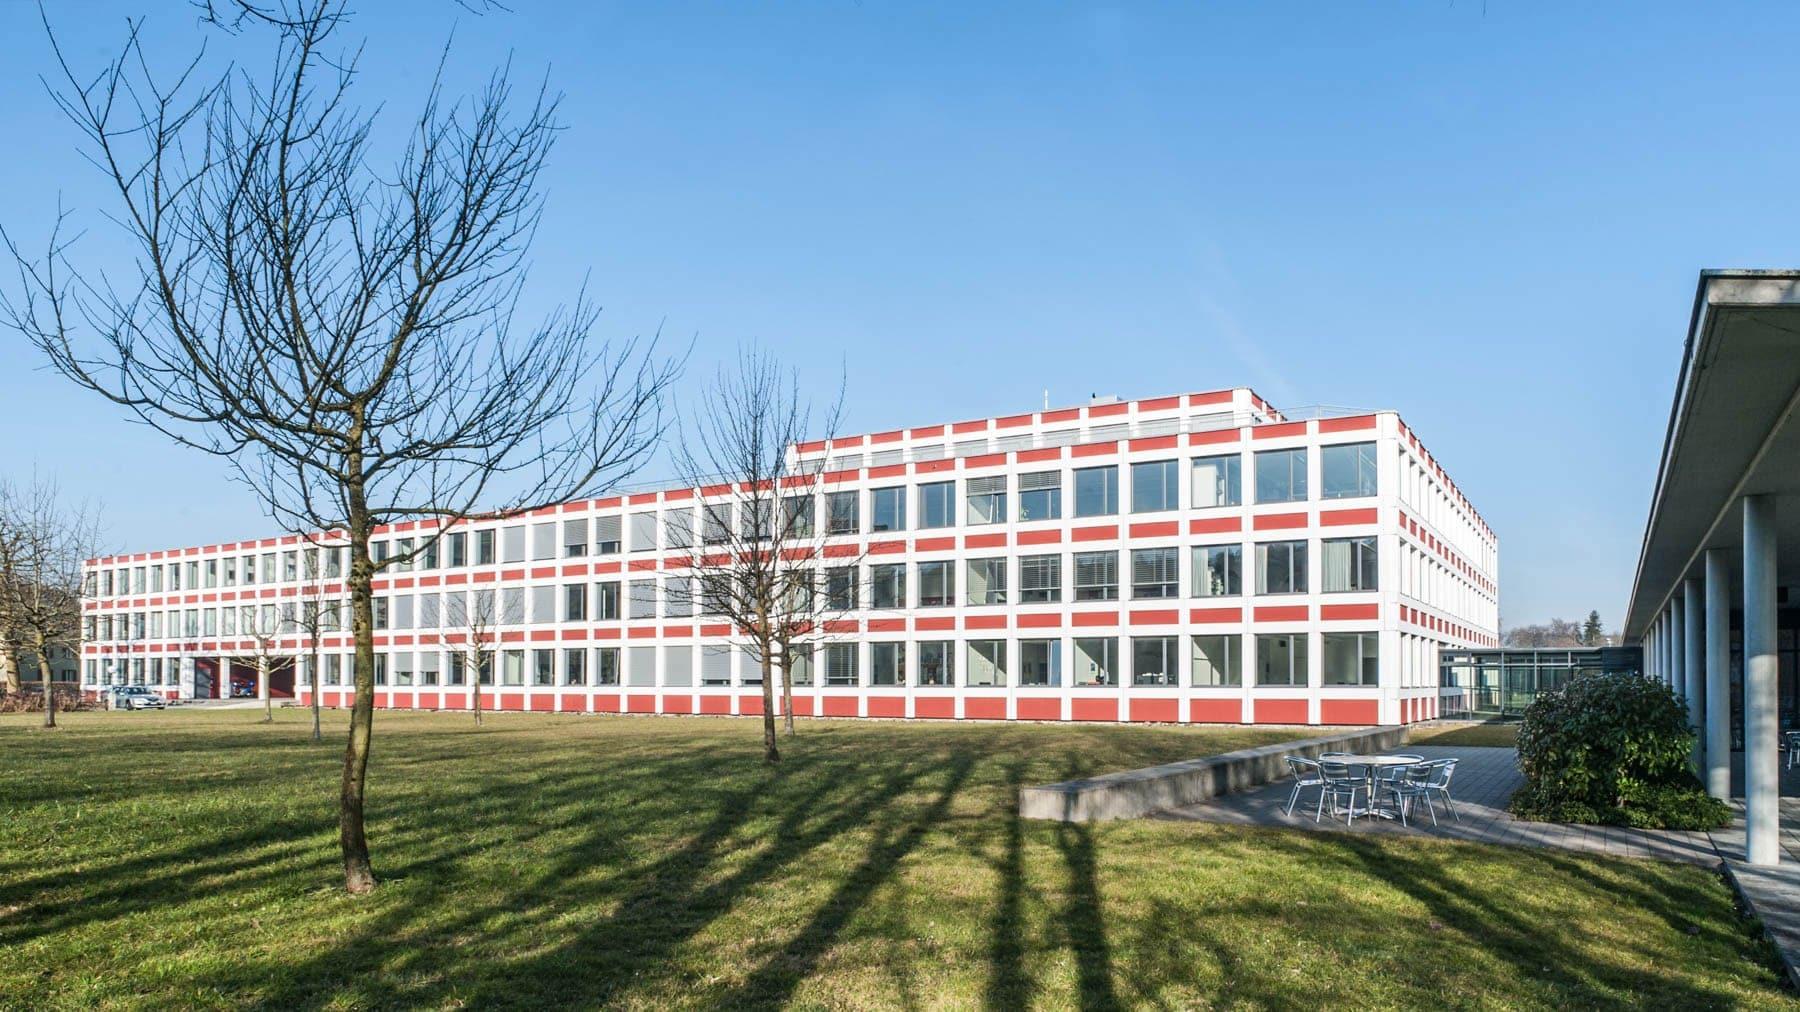 Delussu-Fotografie_Architektur_Kanti_Reussbuehl